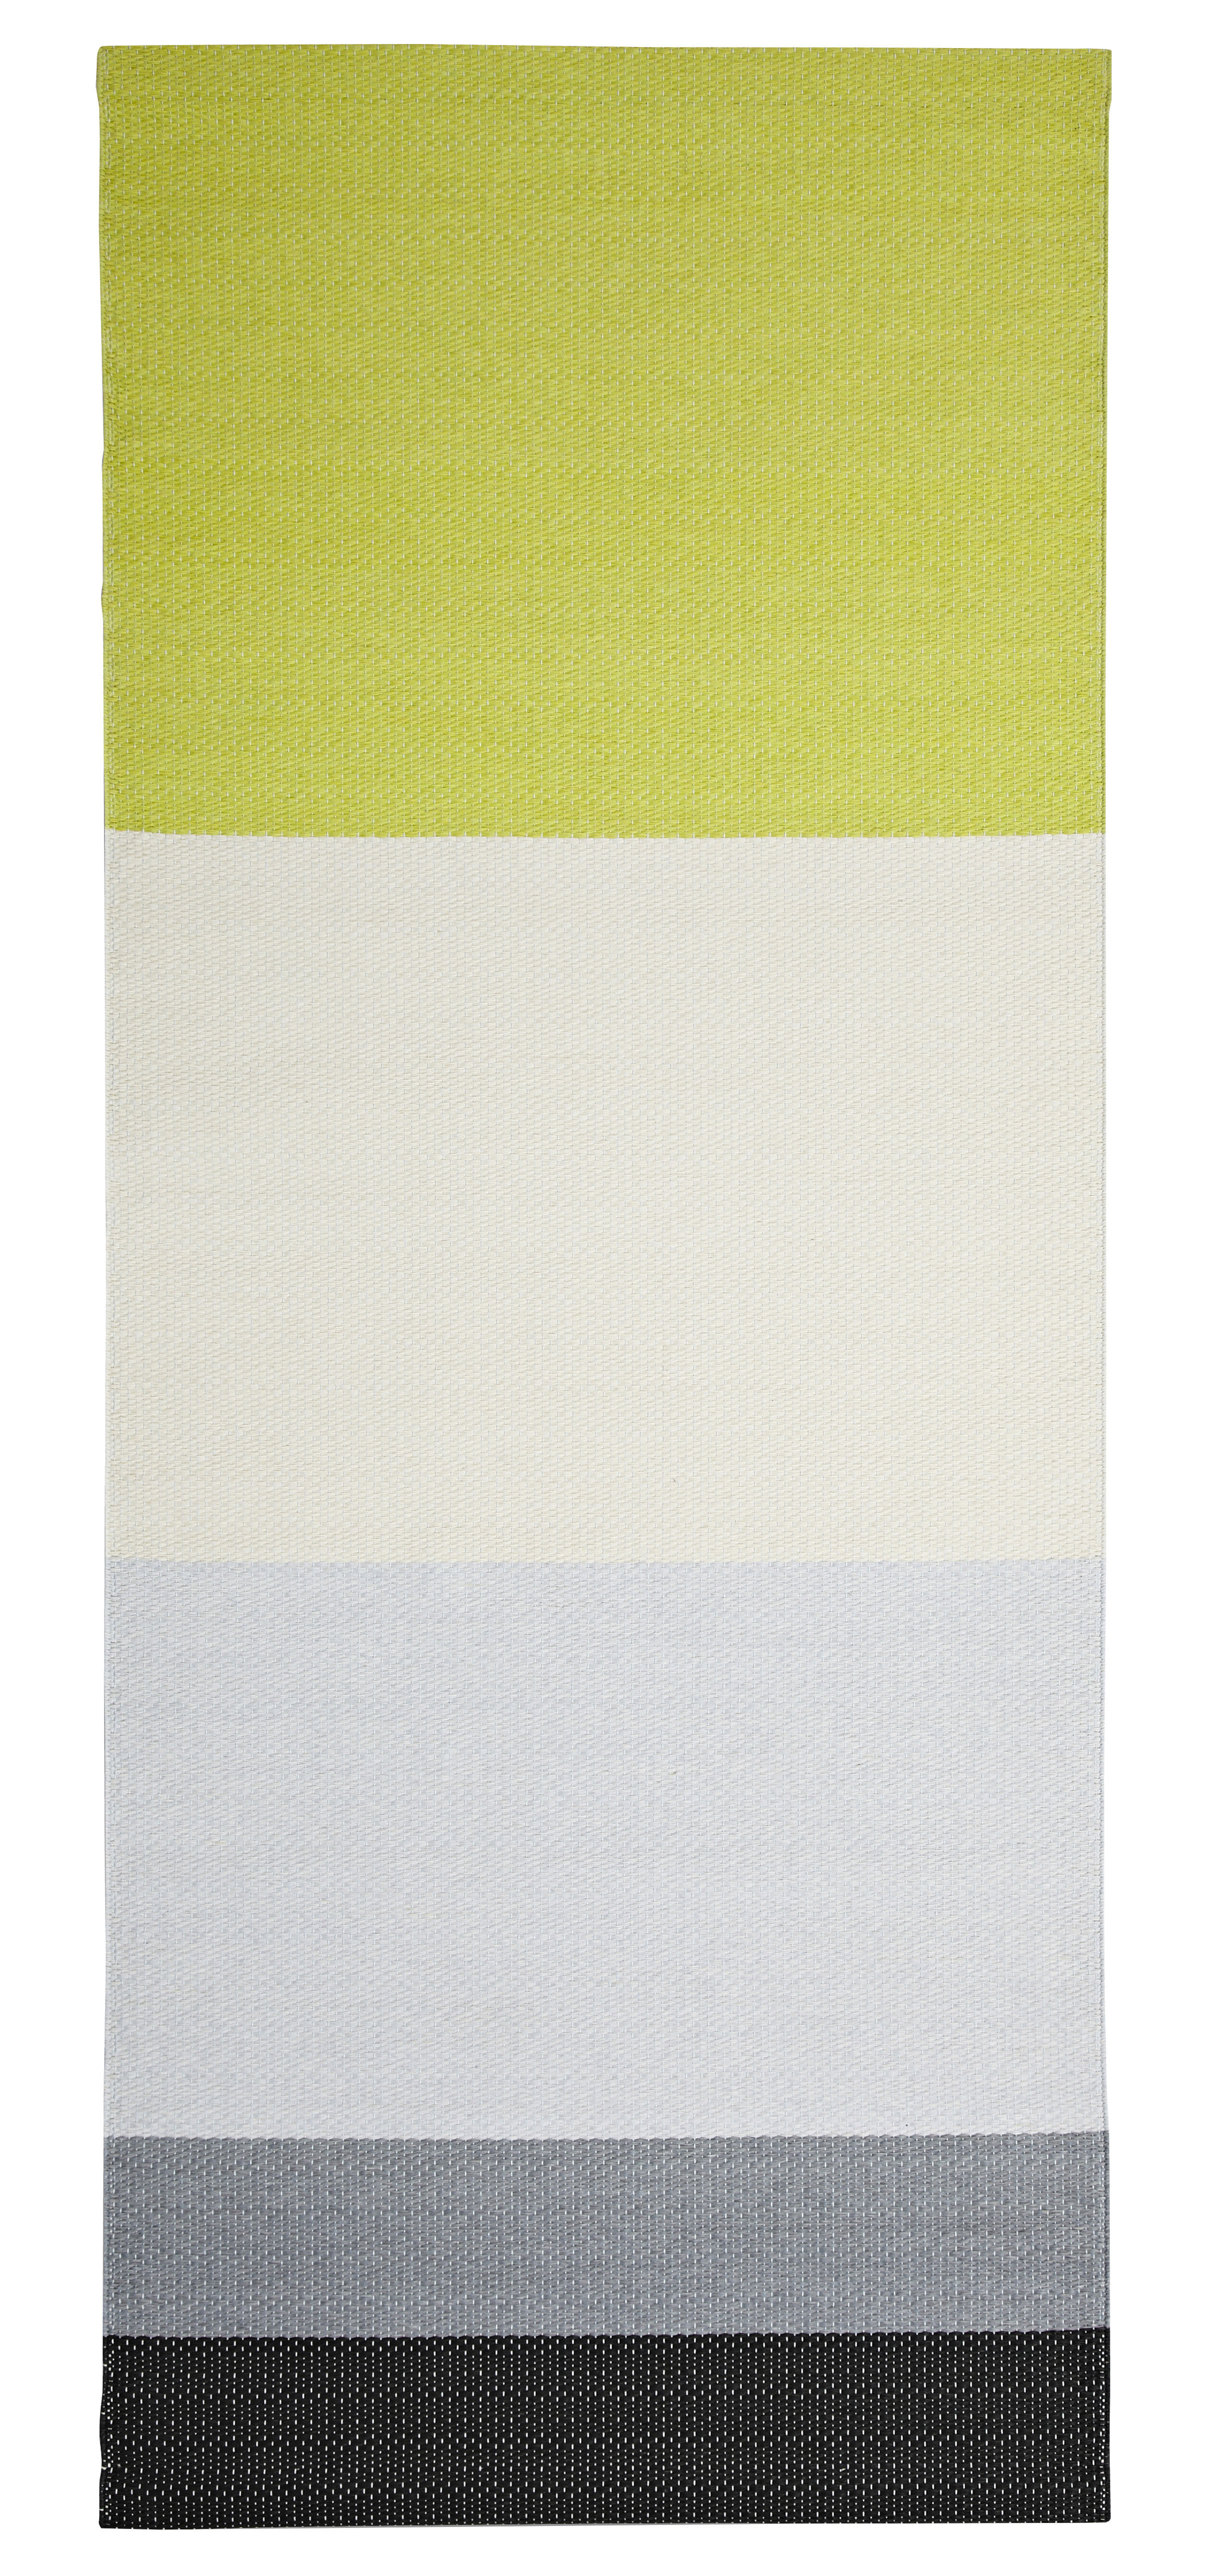 tapis paper 80 x 200 cm 100 papier citron acier hay. Black Bedroom Furniture Sets. Home Design Ideas